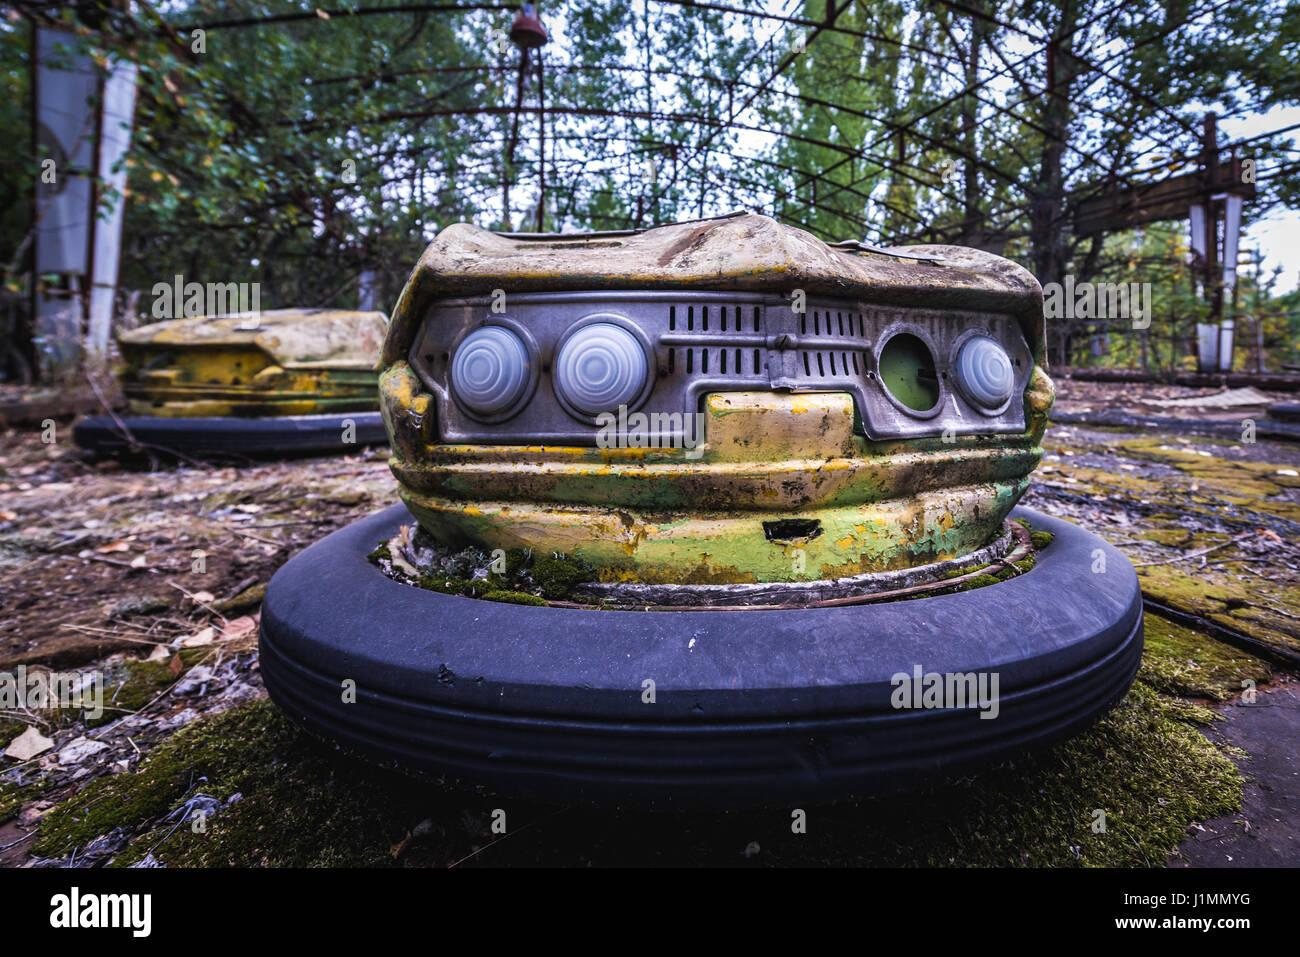 Jaune Ville La D'attractions De Bouclier Un Dans Voiture Parc TKculJF13